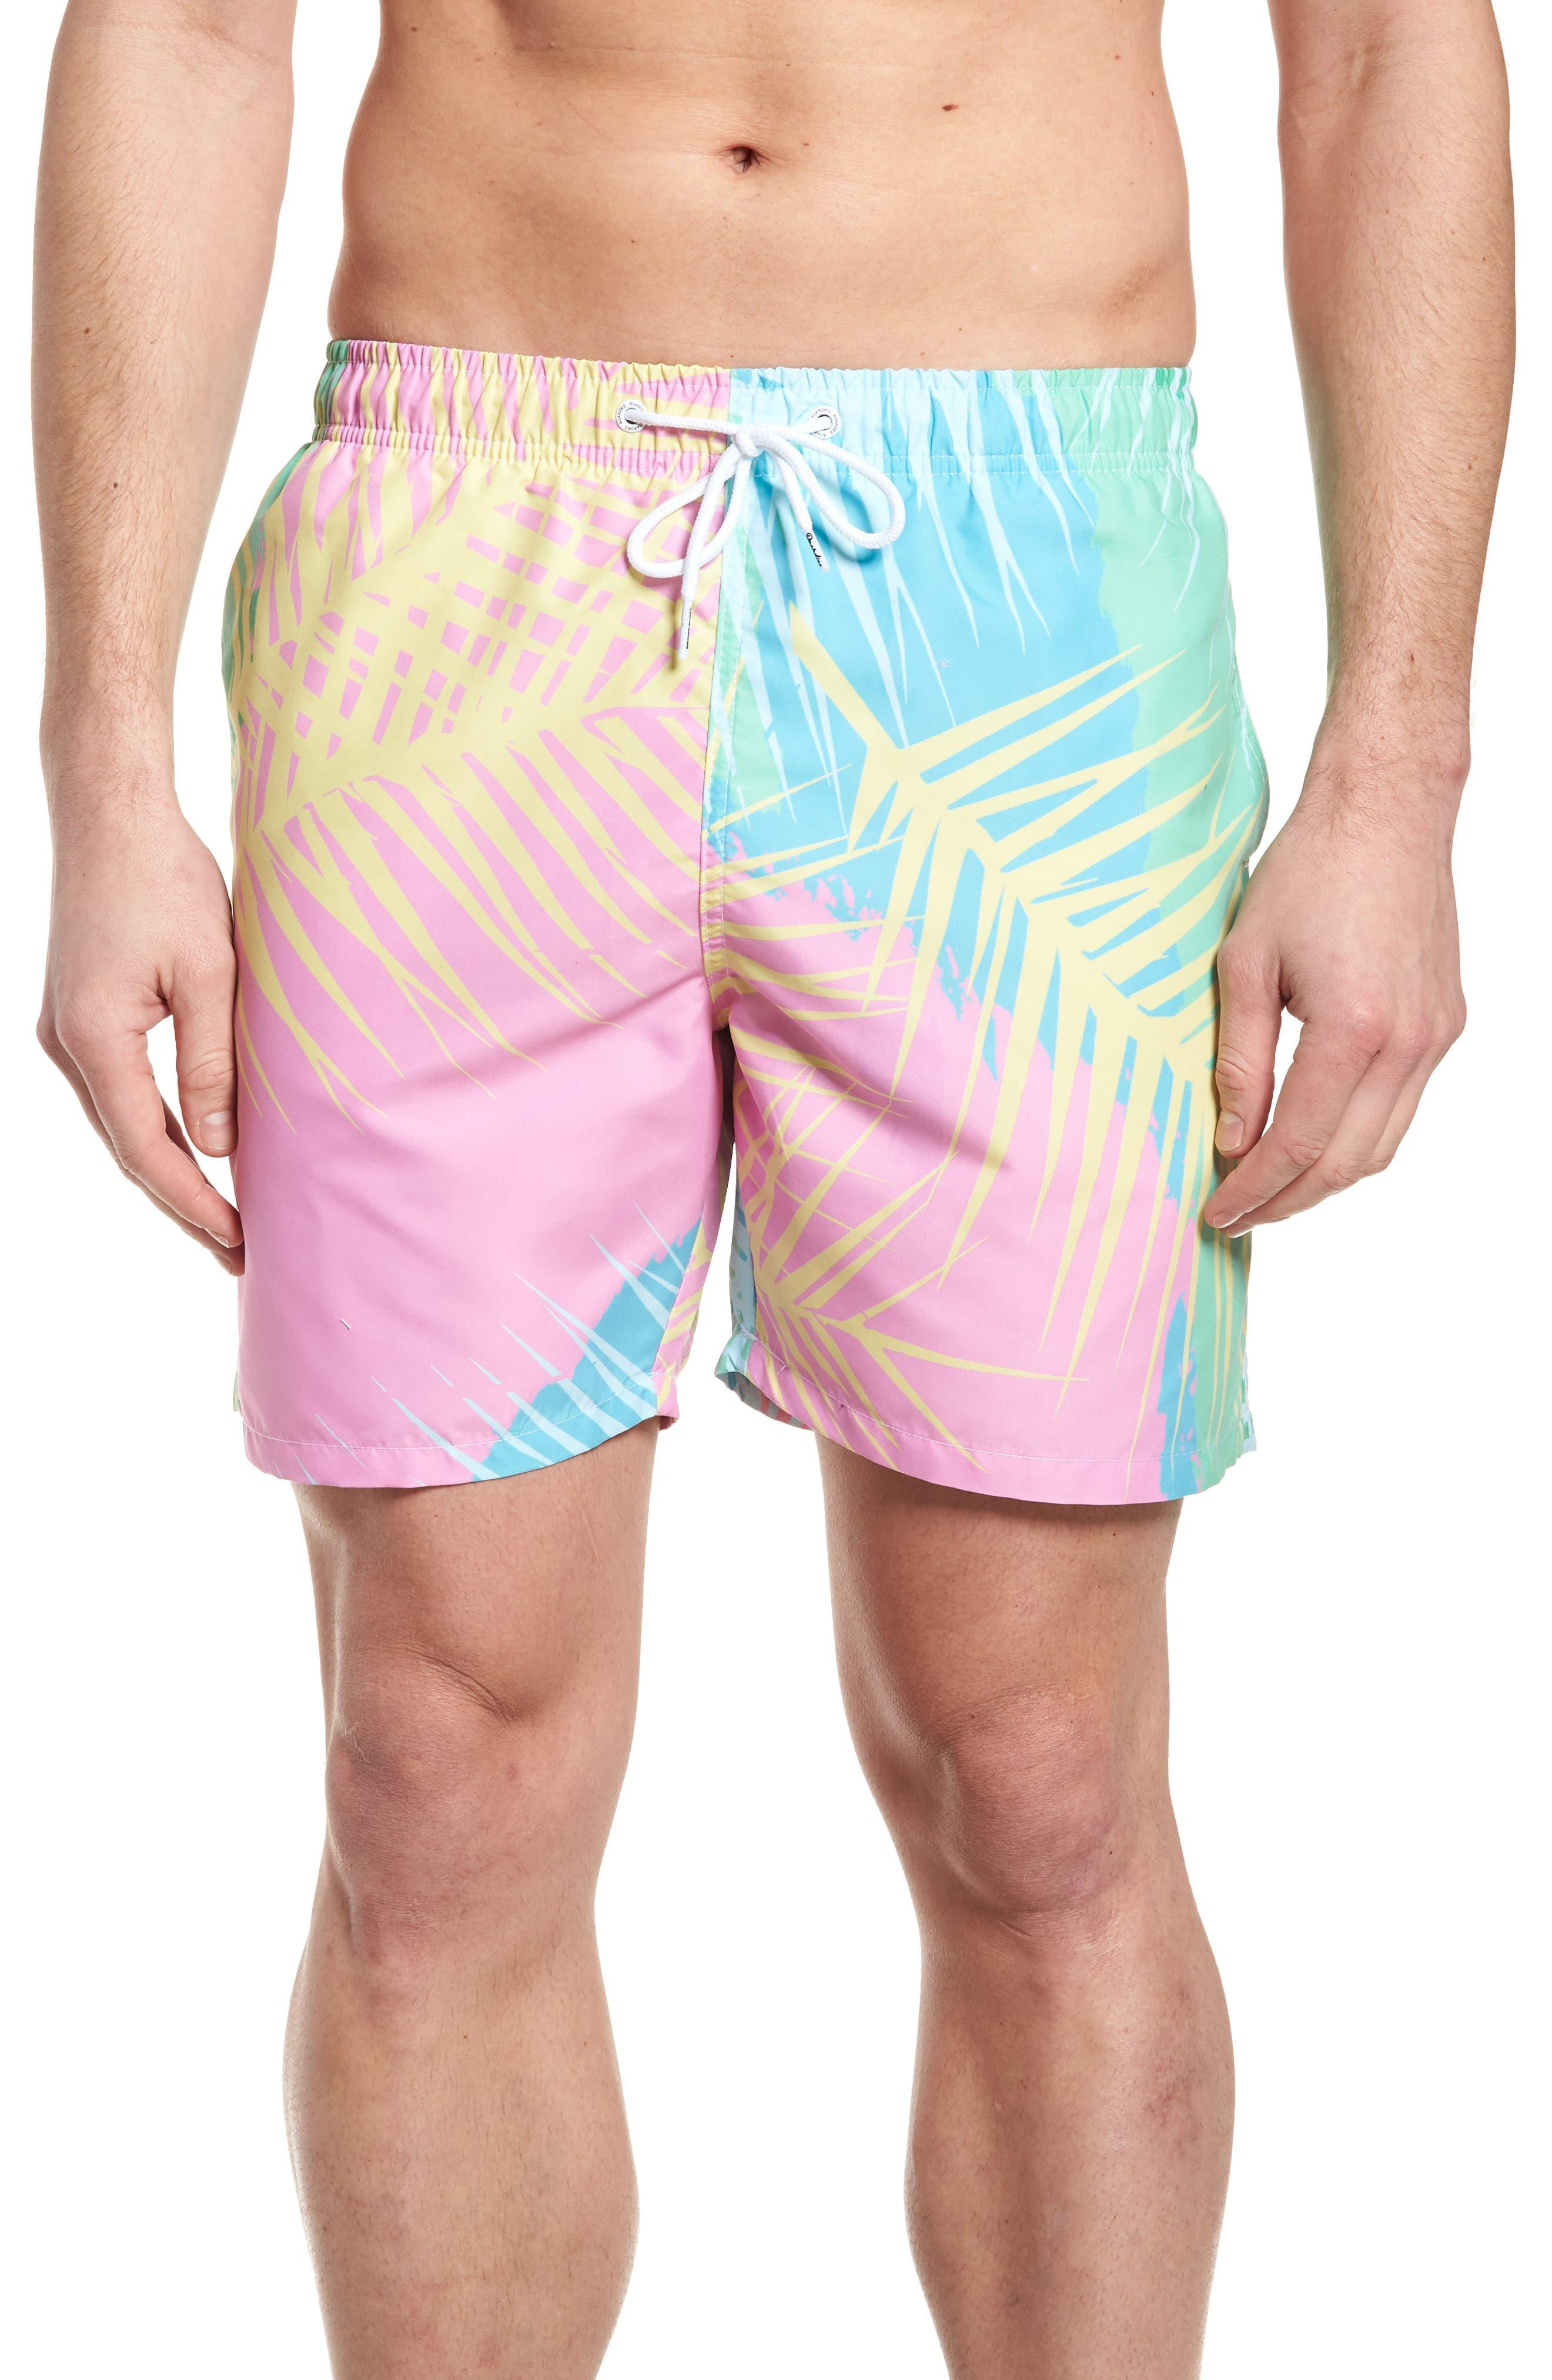 Tropicano Swim Trunks,                         Main,                         color, Multi